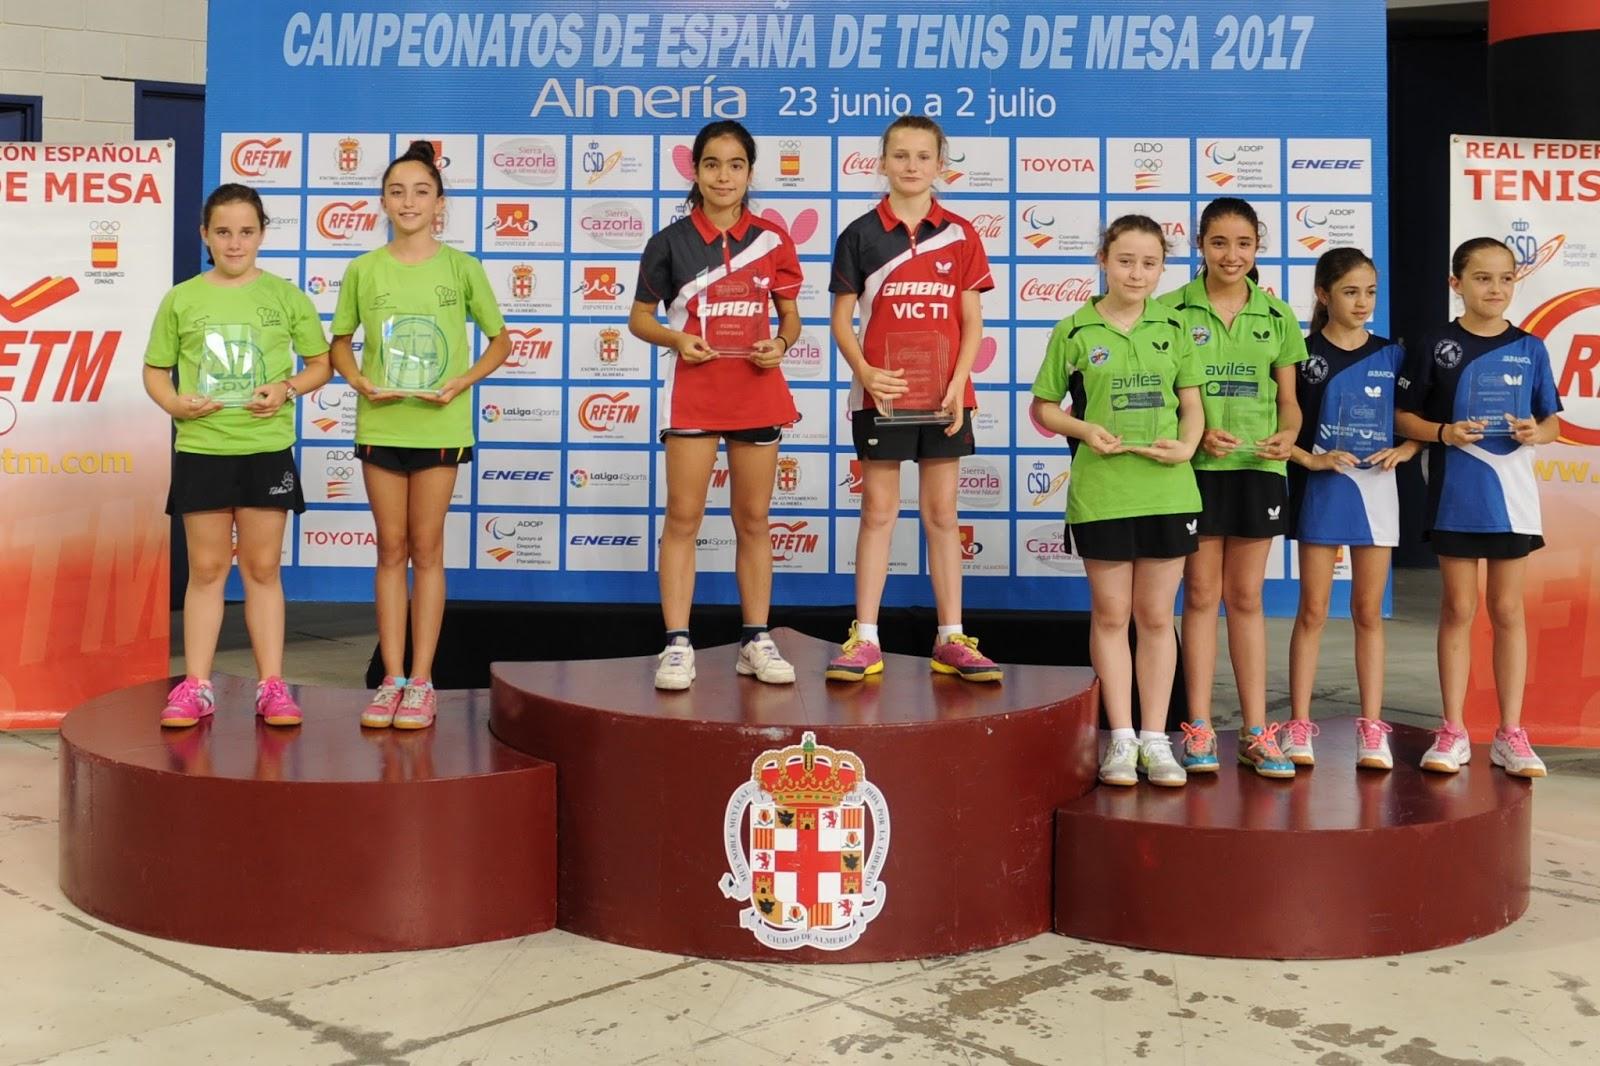 Avil s tenis de mesa resultados de los campeonatos de espa a - Aviles tenis de mesa ...